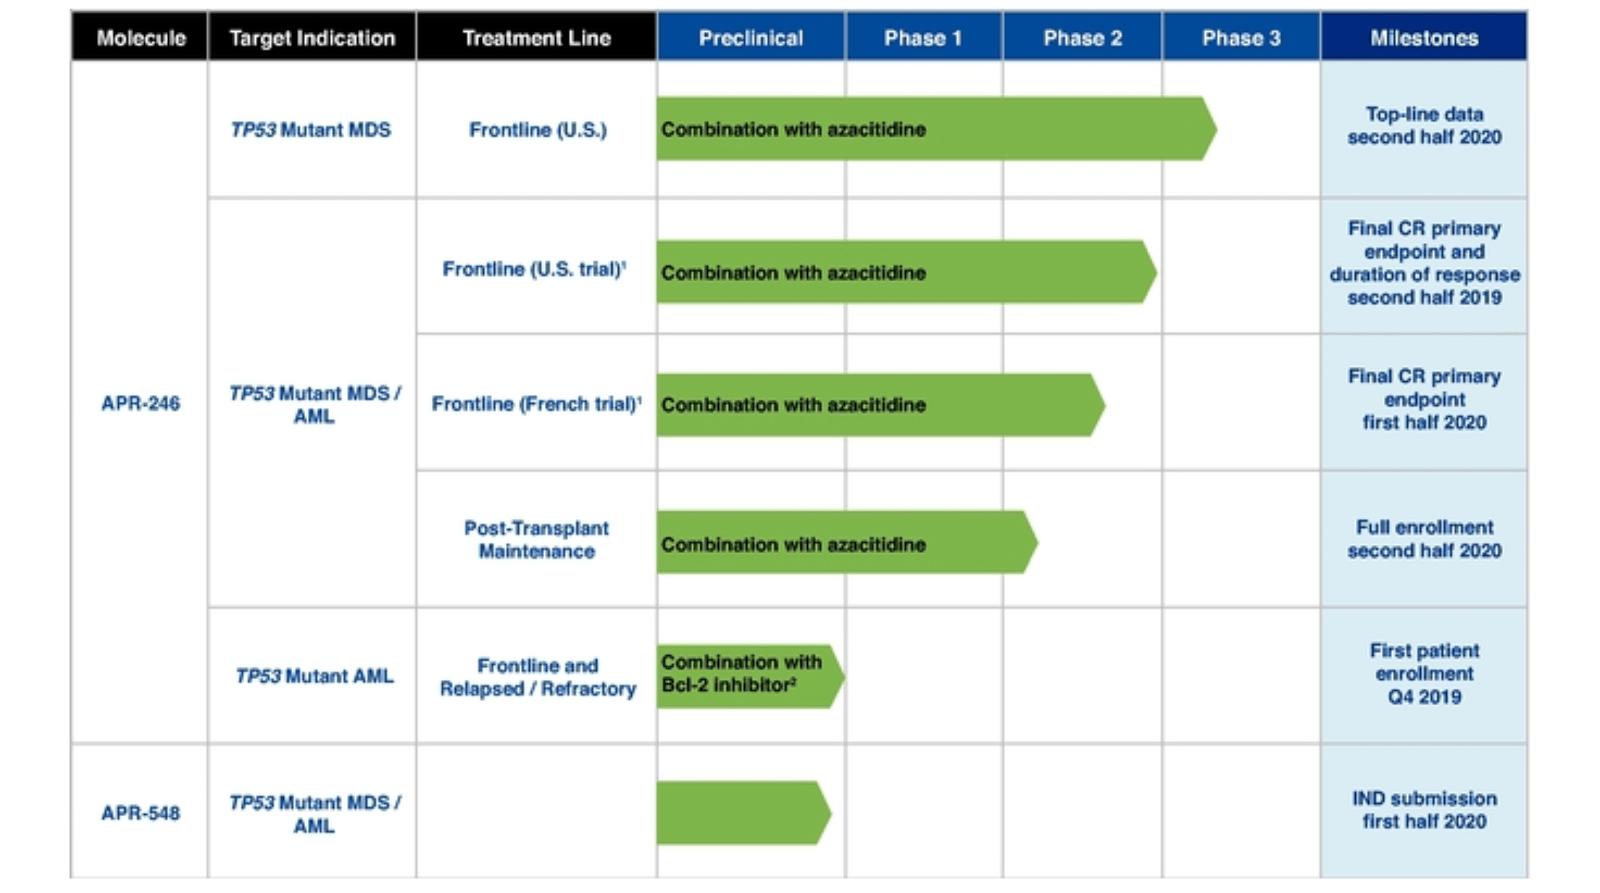 Aprea Therapeutics Files For U.S. IPO